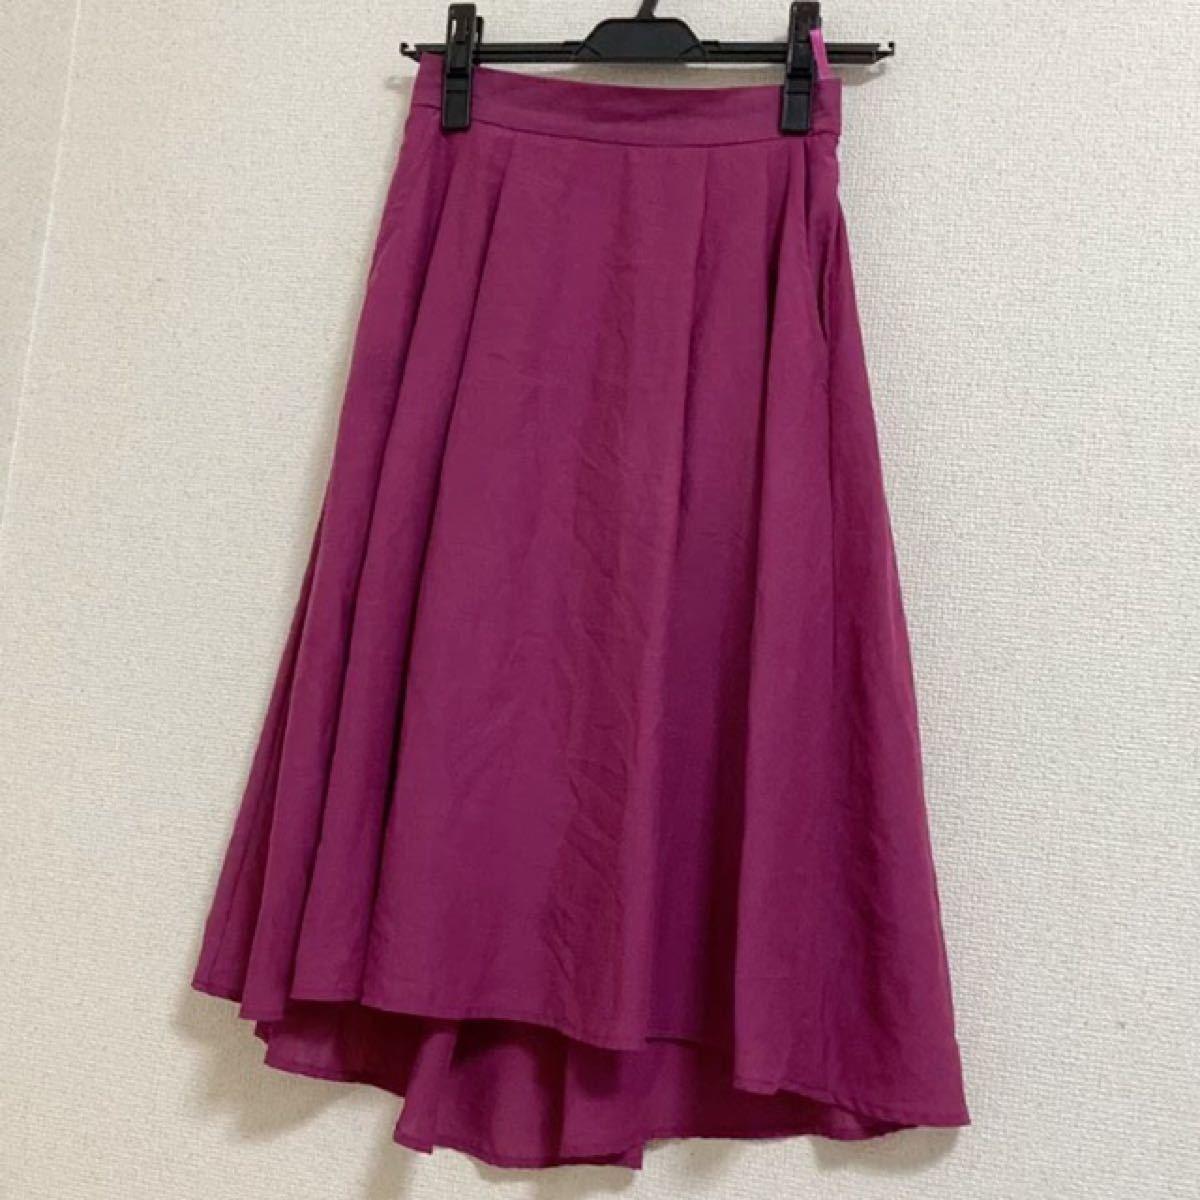 ロペピクニック フィッシュテールスカート 膝丈ミモレ丈スカート フレアスカート